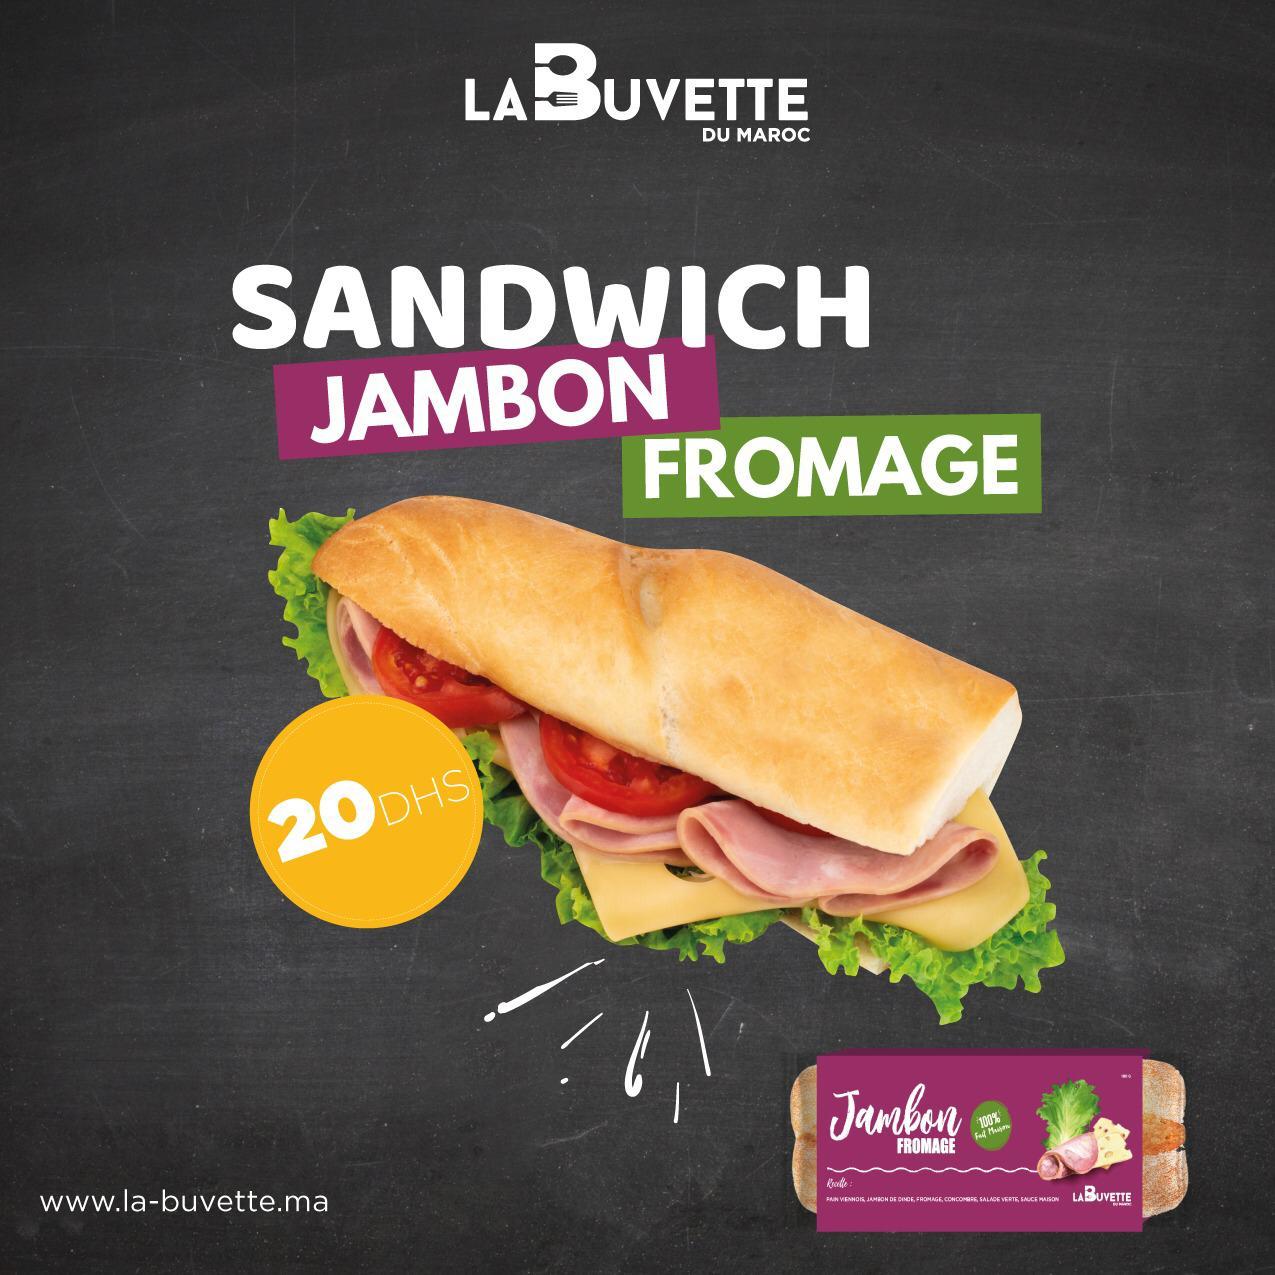 la-buvette-sandwiche-jambon-fromage